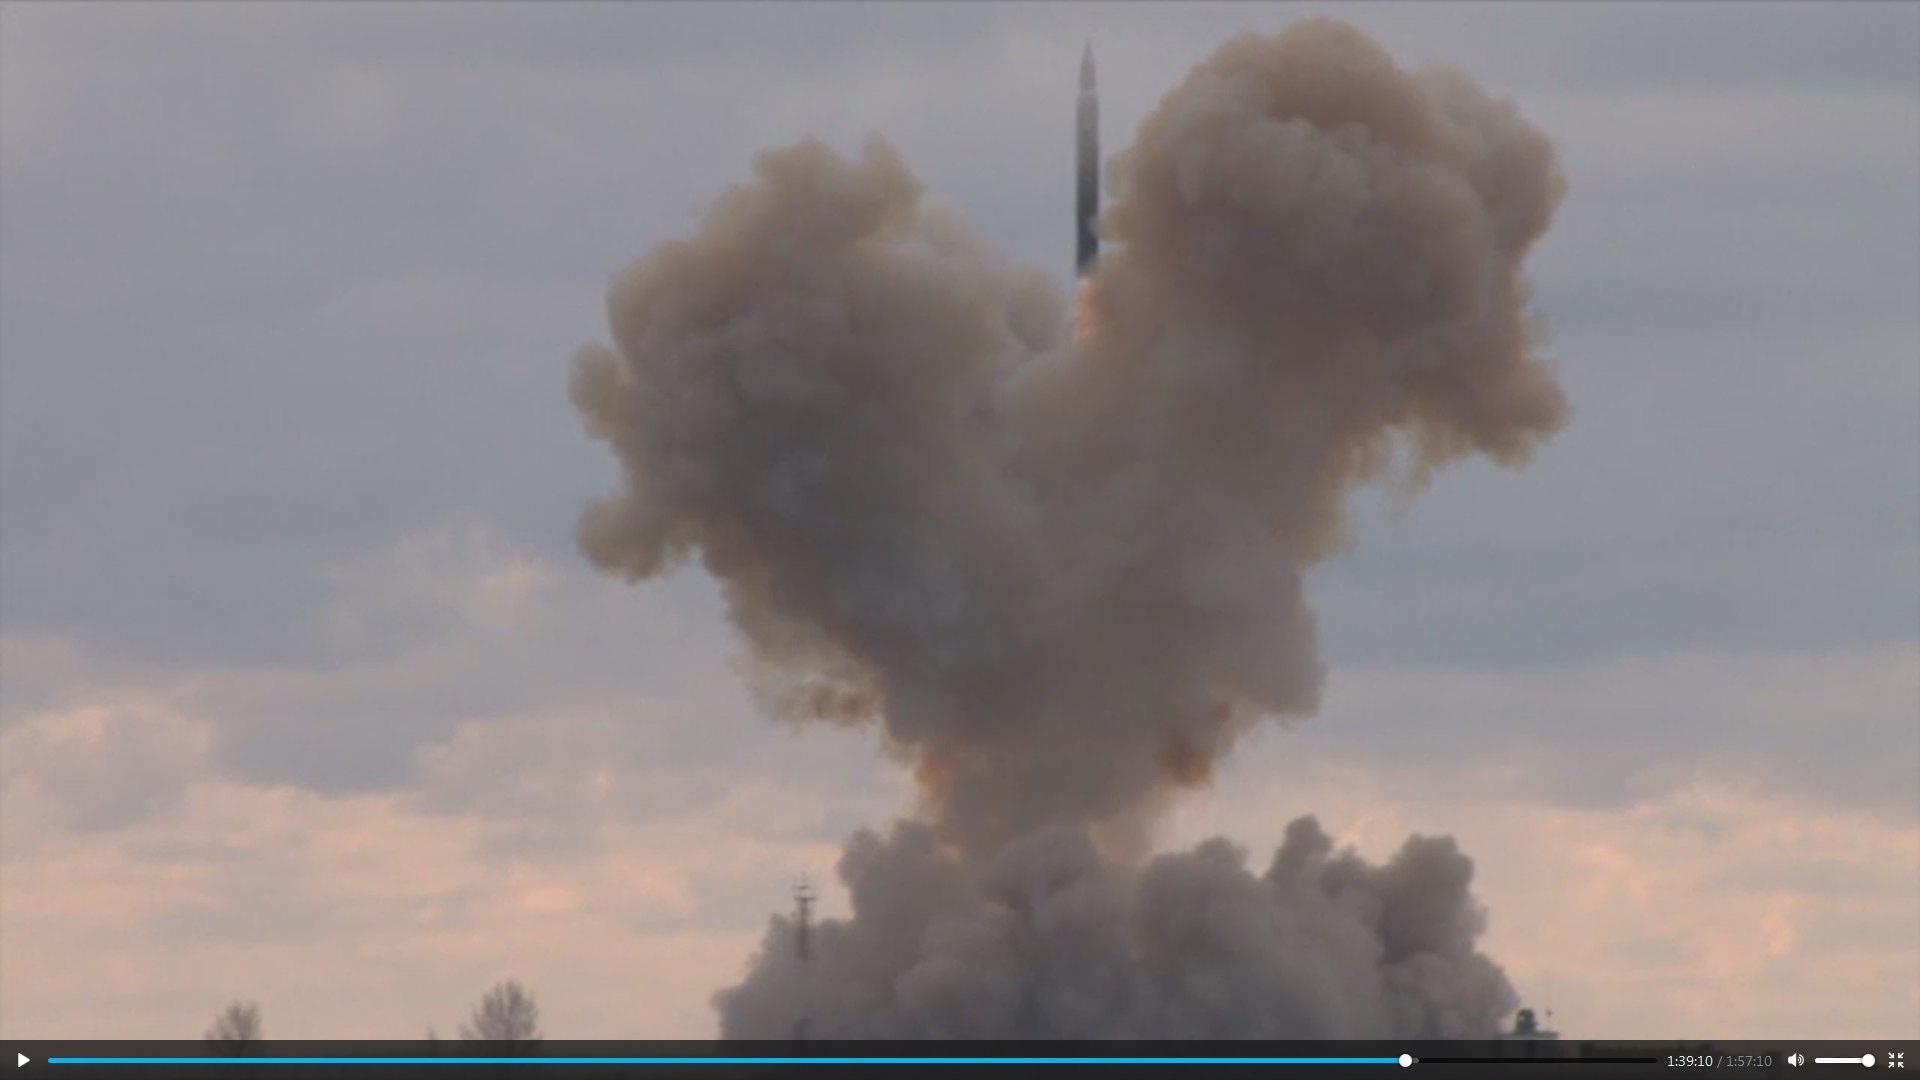 Un missile supersonico decolla dal suolo russo